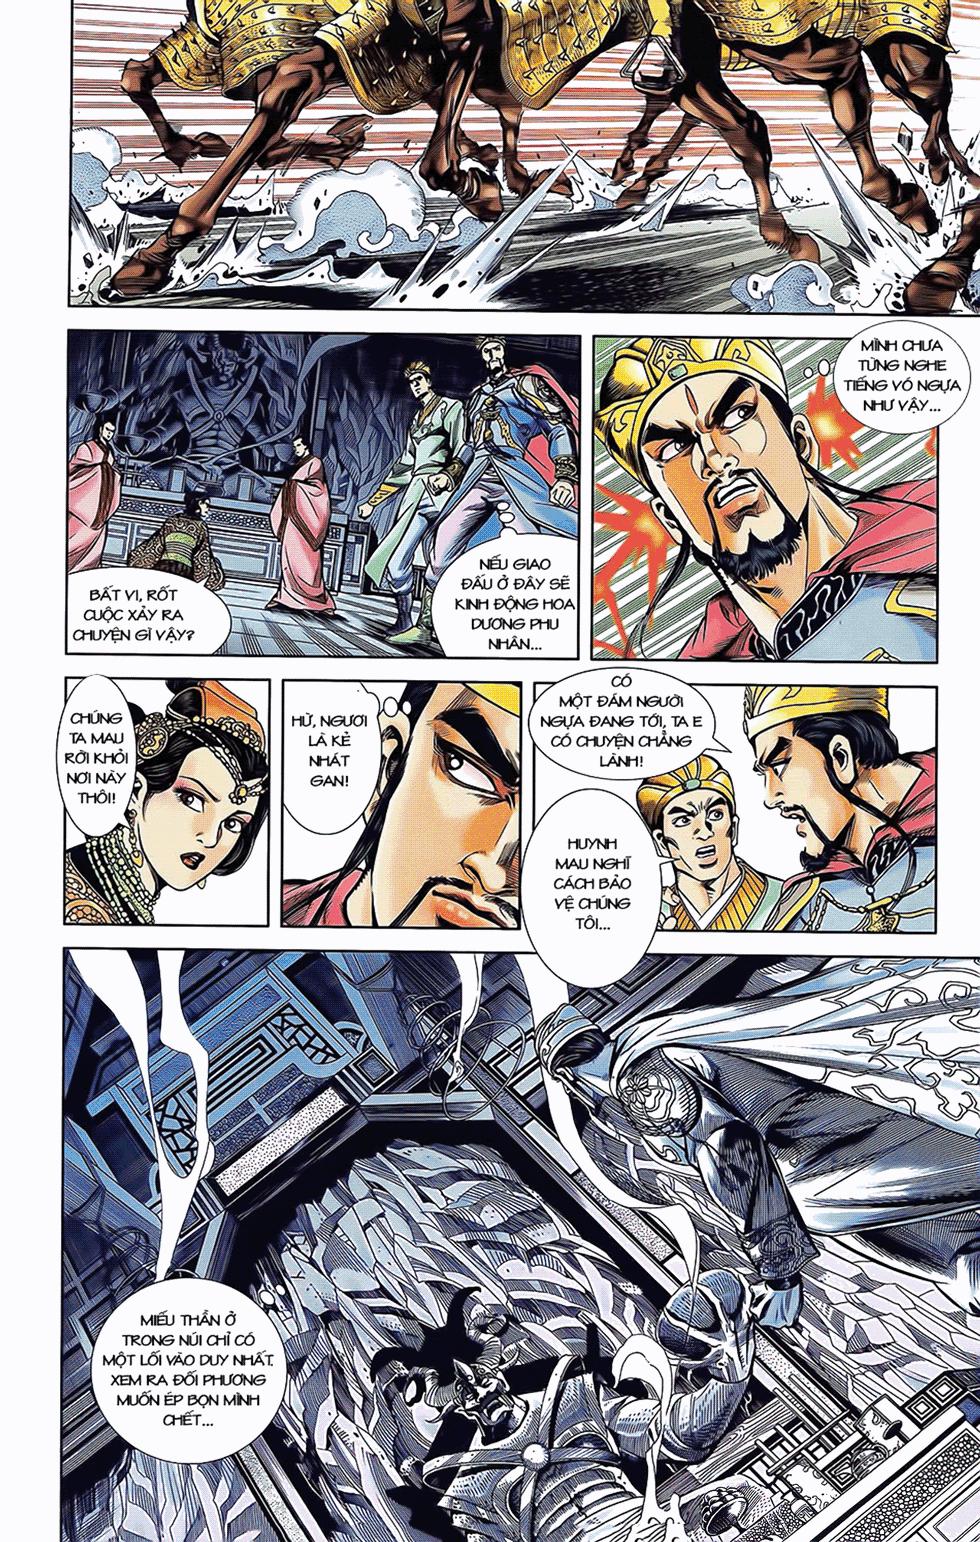 Tần Vương Doanh Chính chapter 5 trang 3